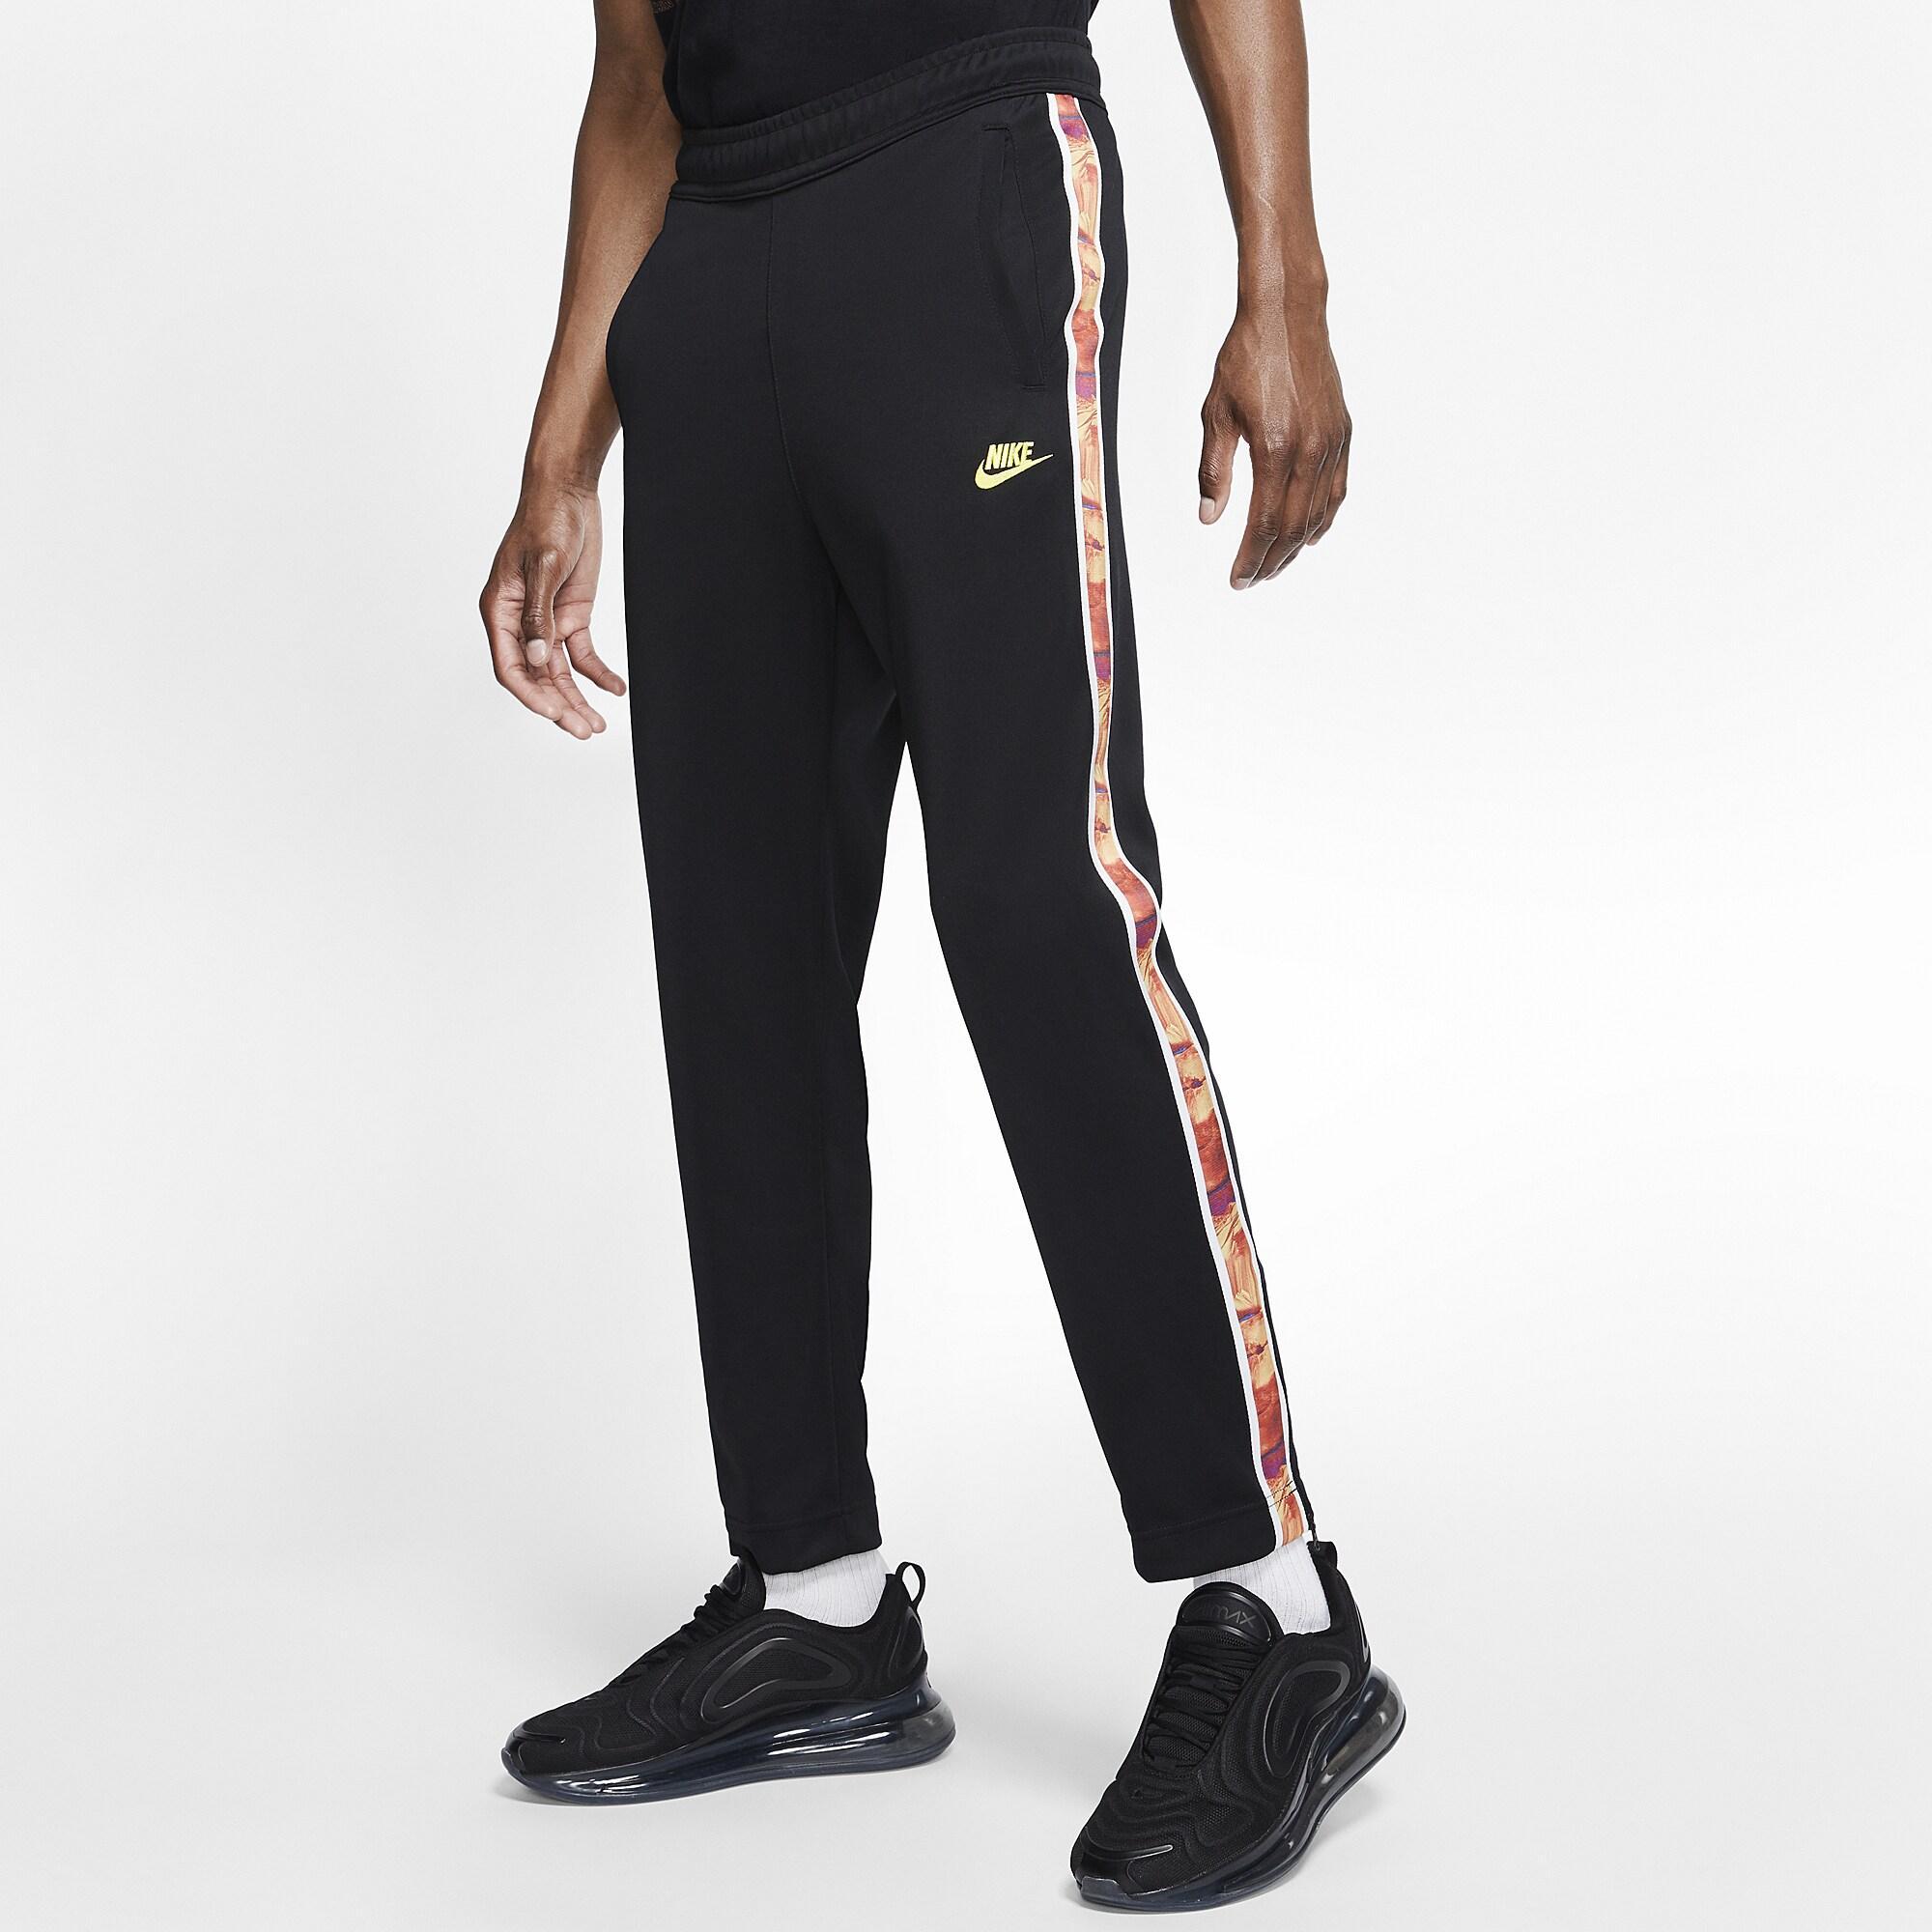 Rosa ni/ñas Active Pink//Sail L Nike G NSW VNTG Pantal/ón